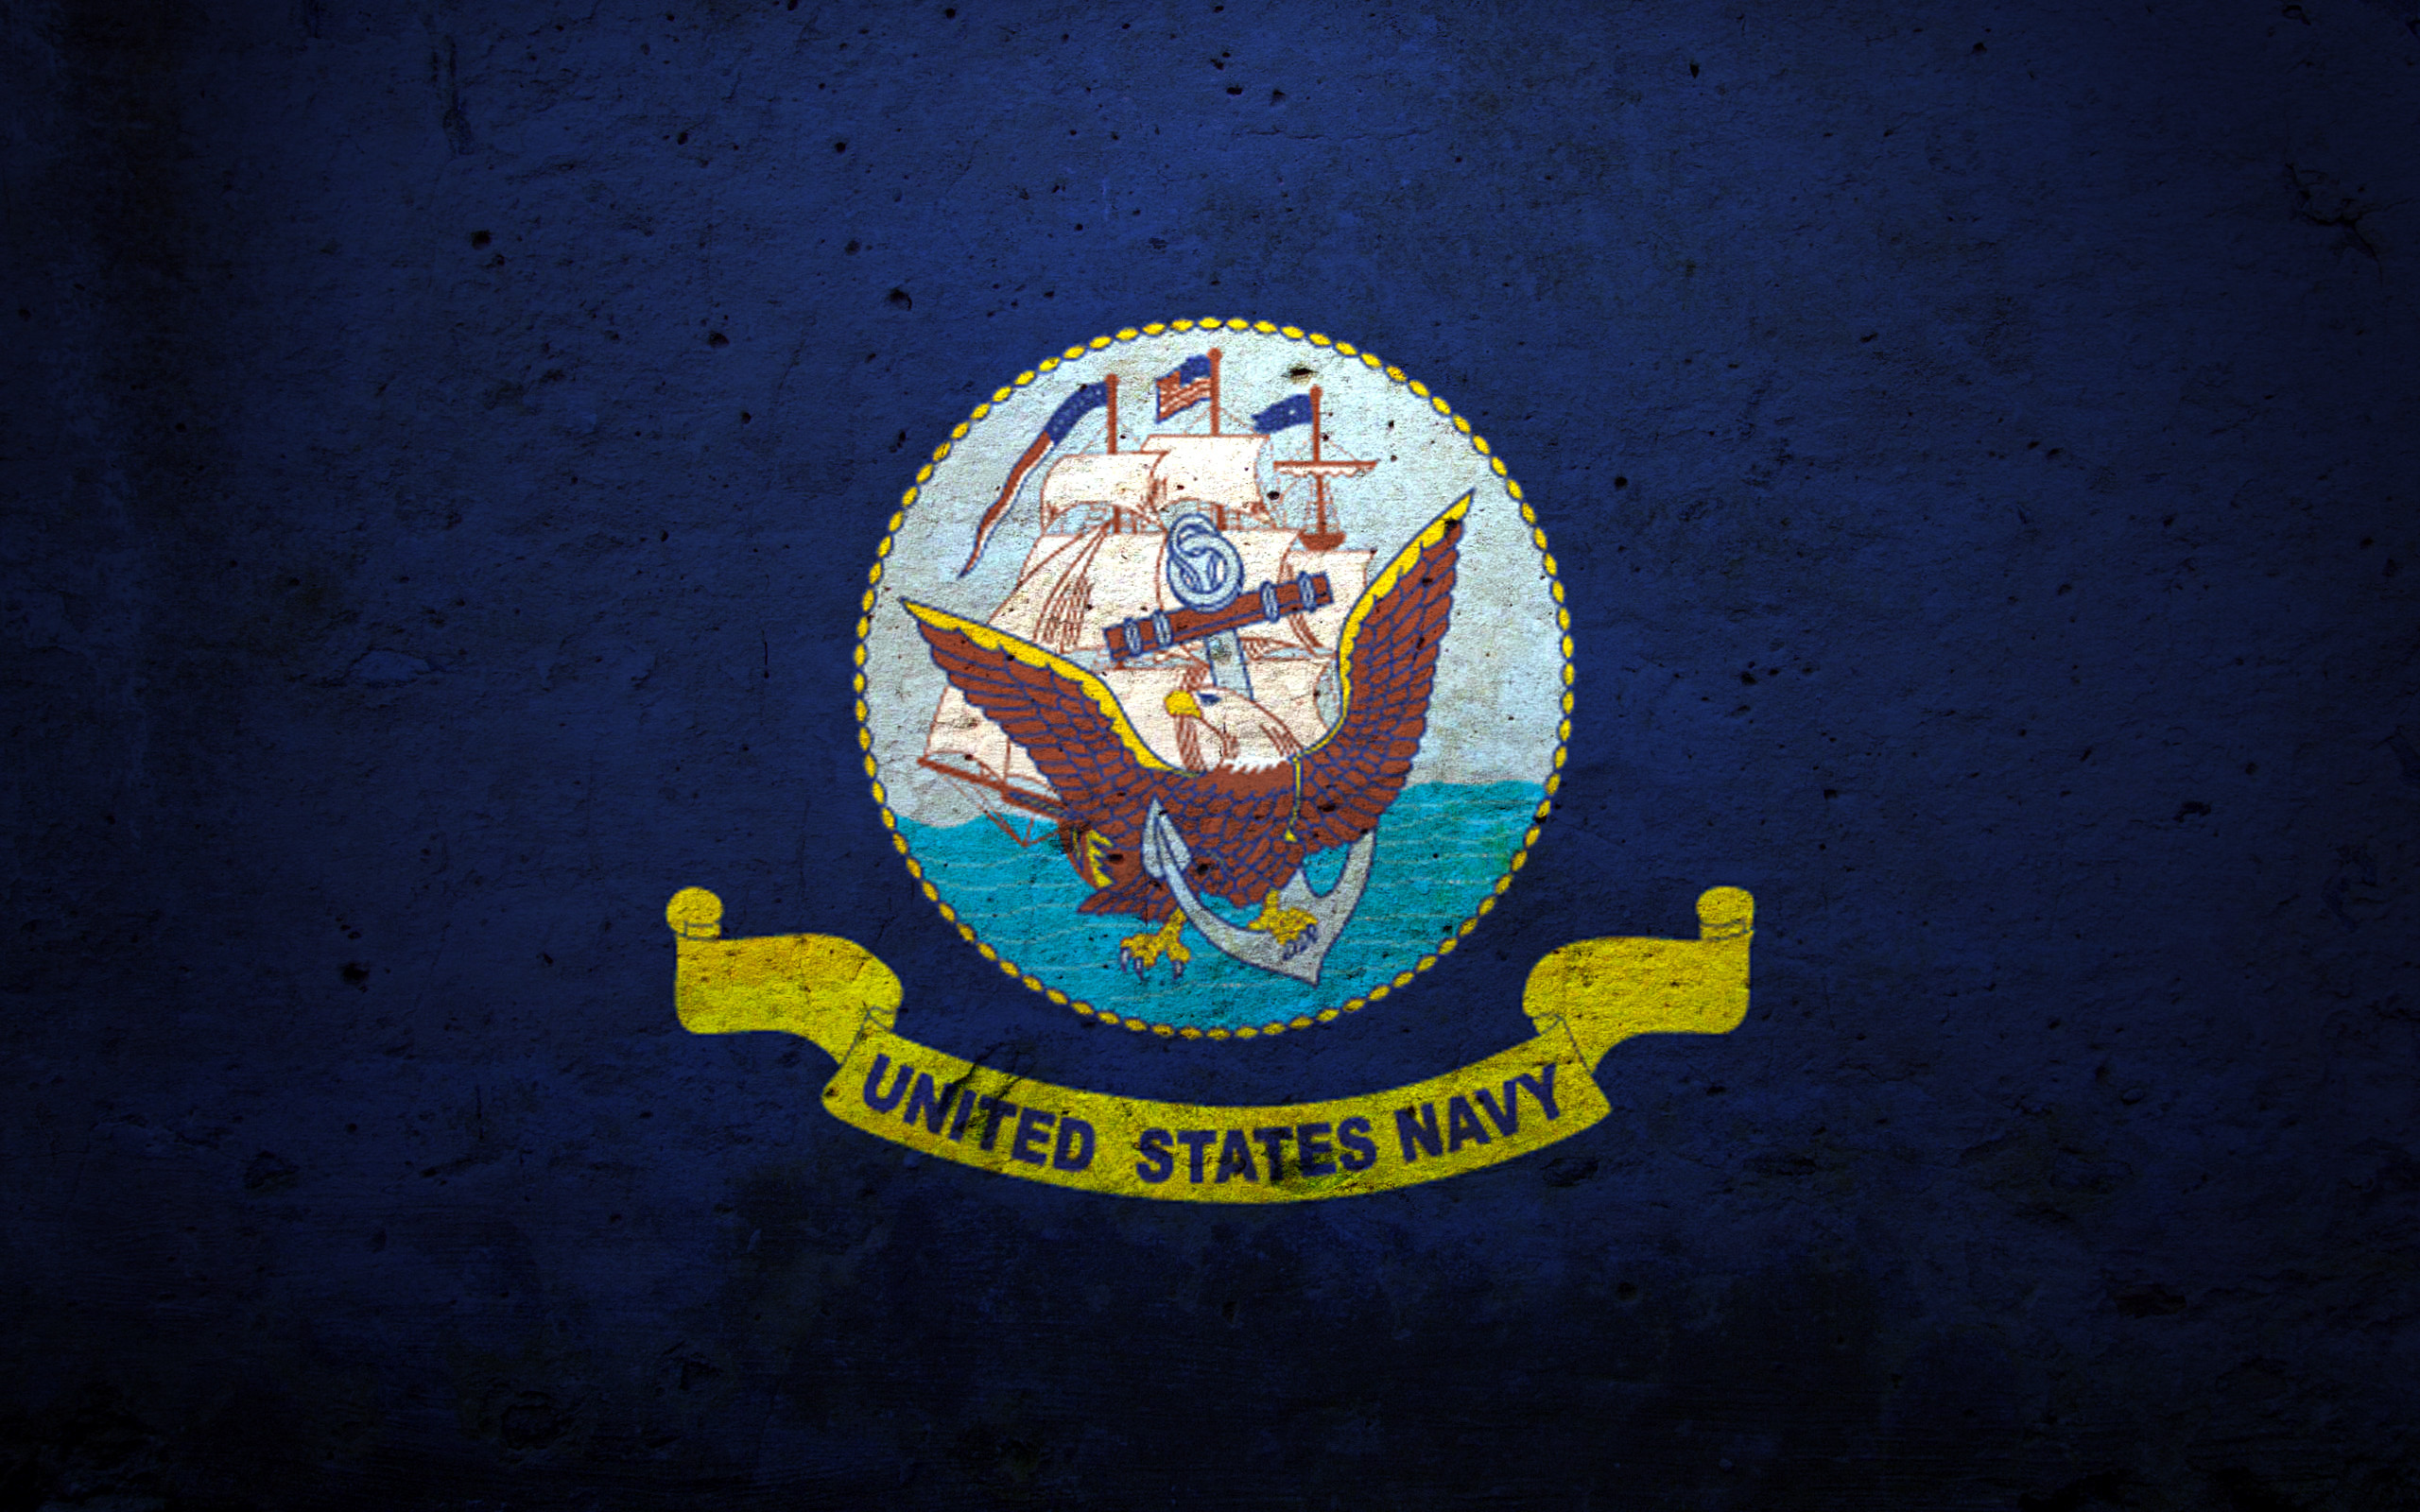 Official Us Navy Logo Wallpaper Us navy wallpaper